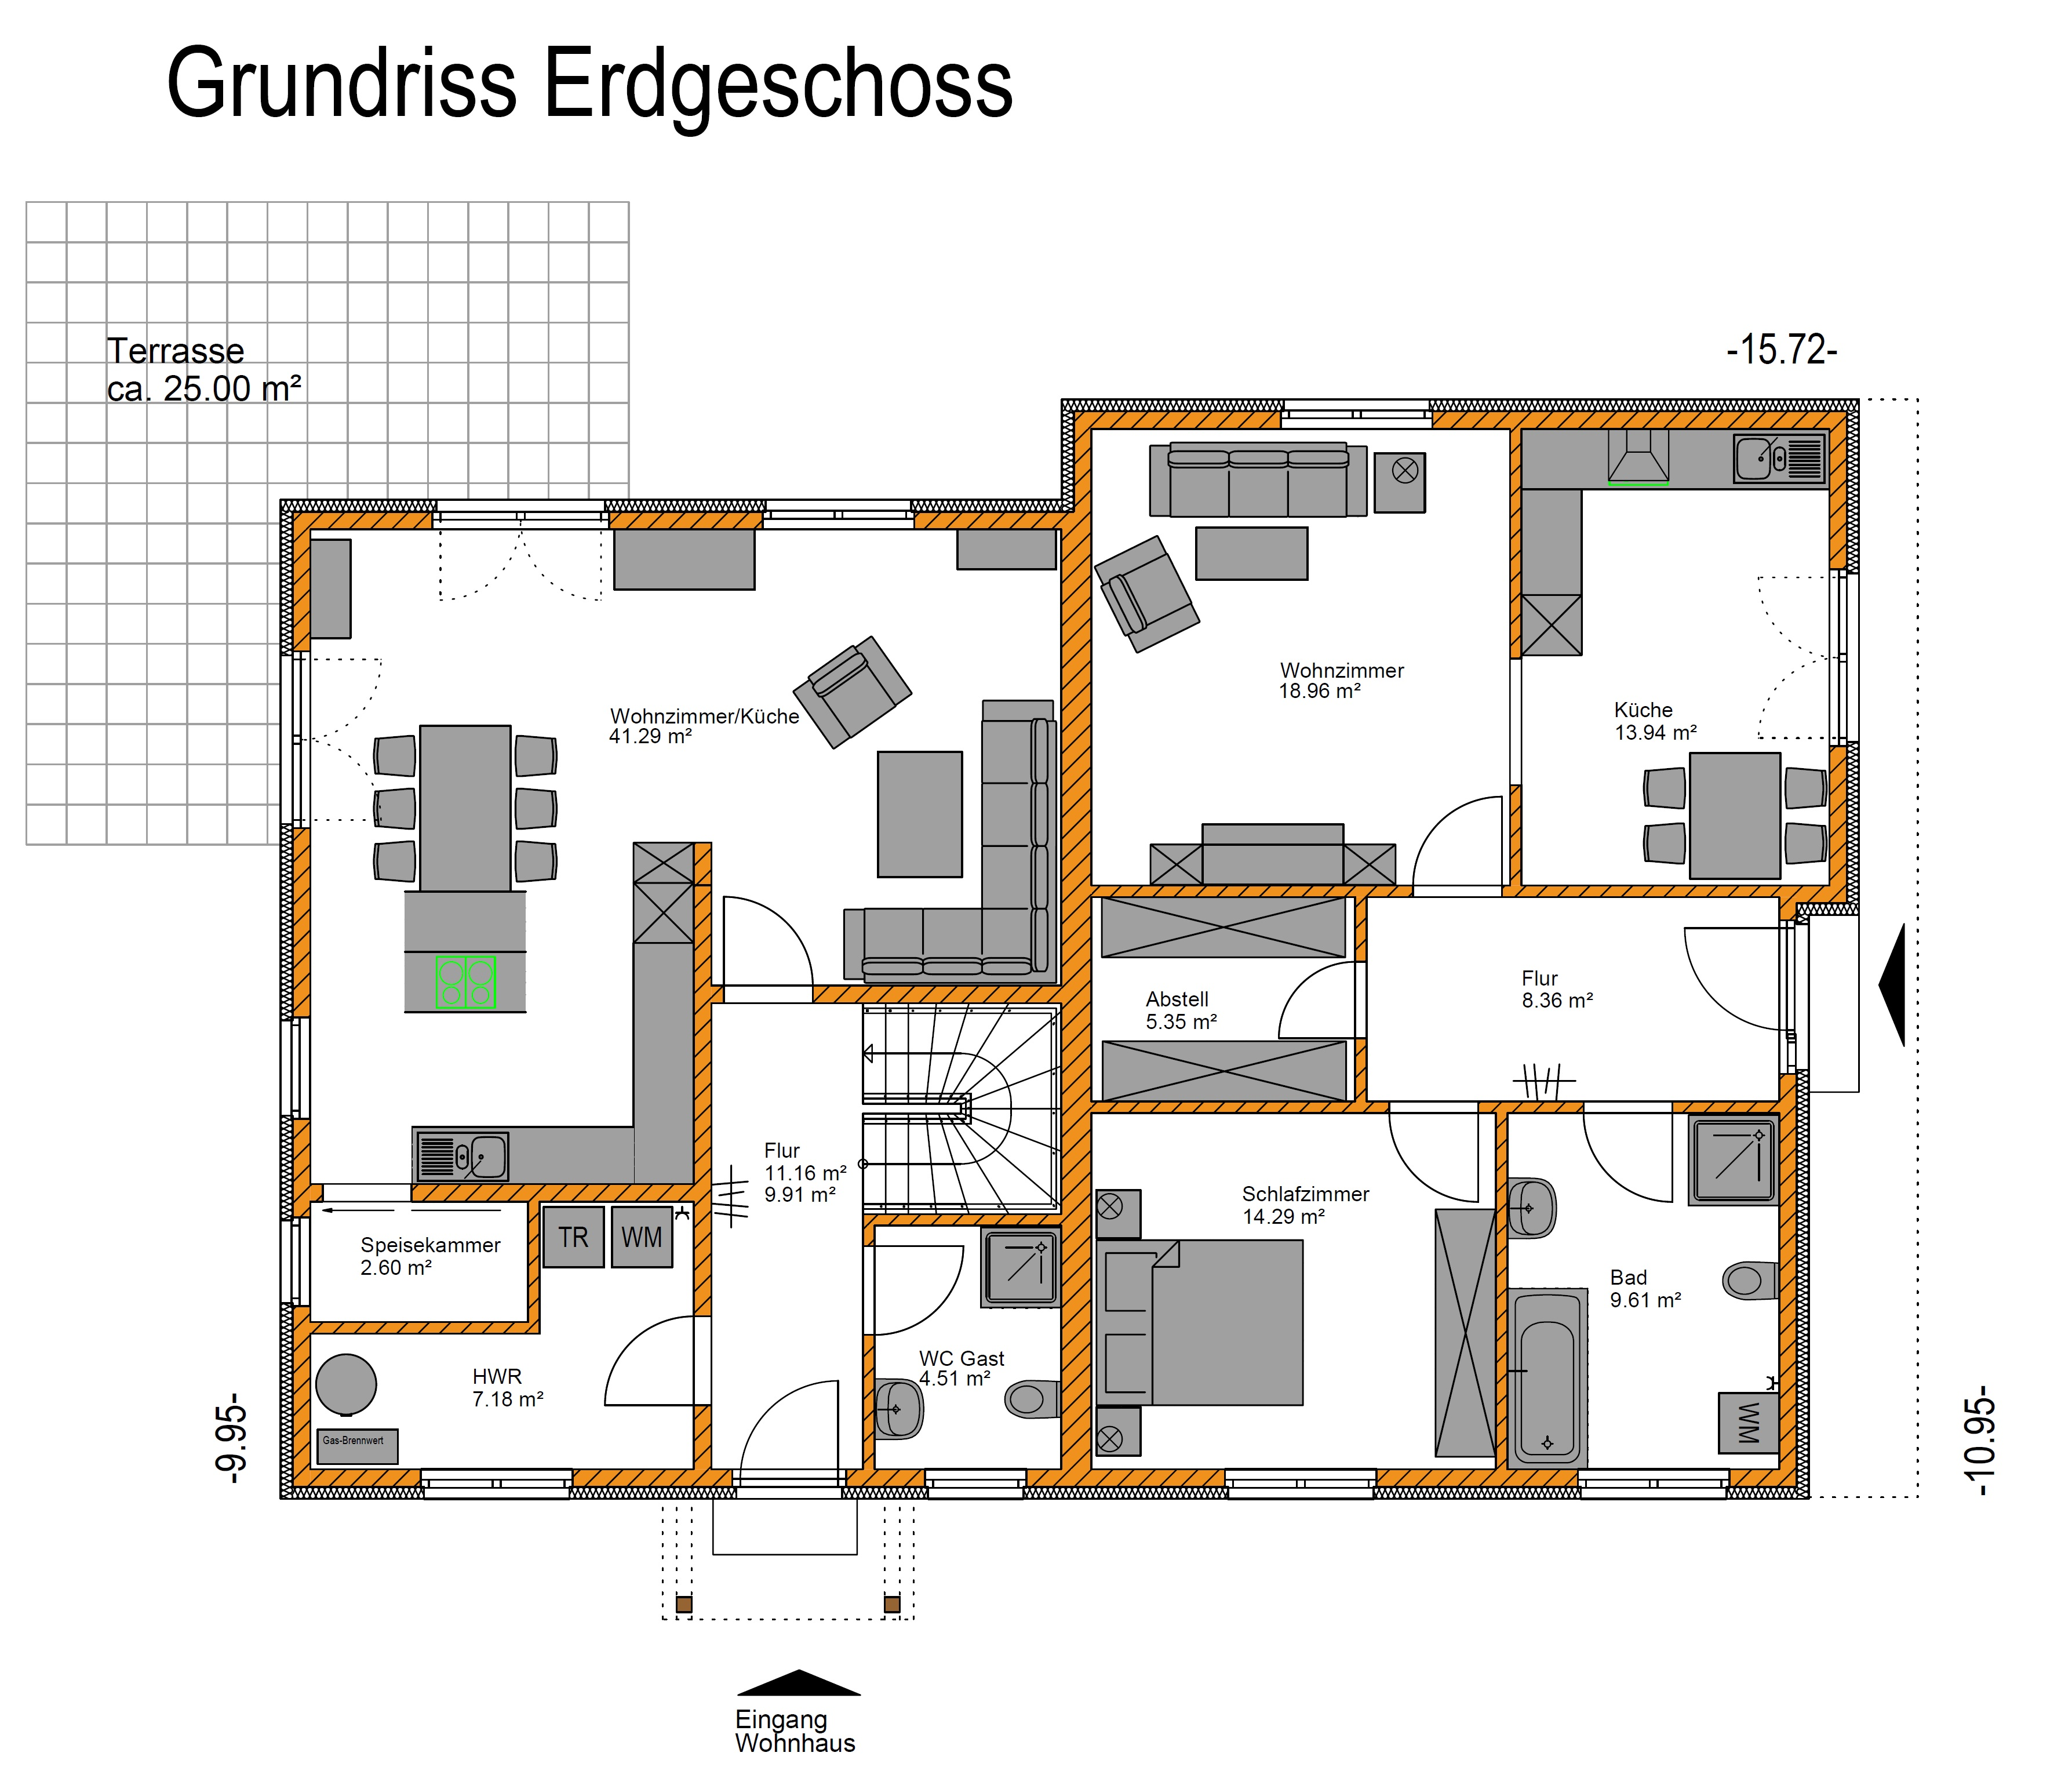 Einfamilienhaus Mit Fertigteilgarage Und Geräteschuppen In: Stadtvilla Mit Einliegerwohnung Und Carport